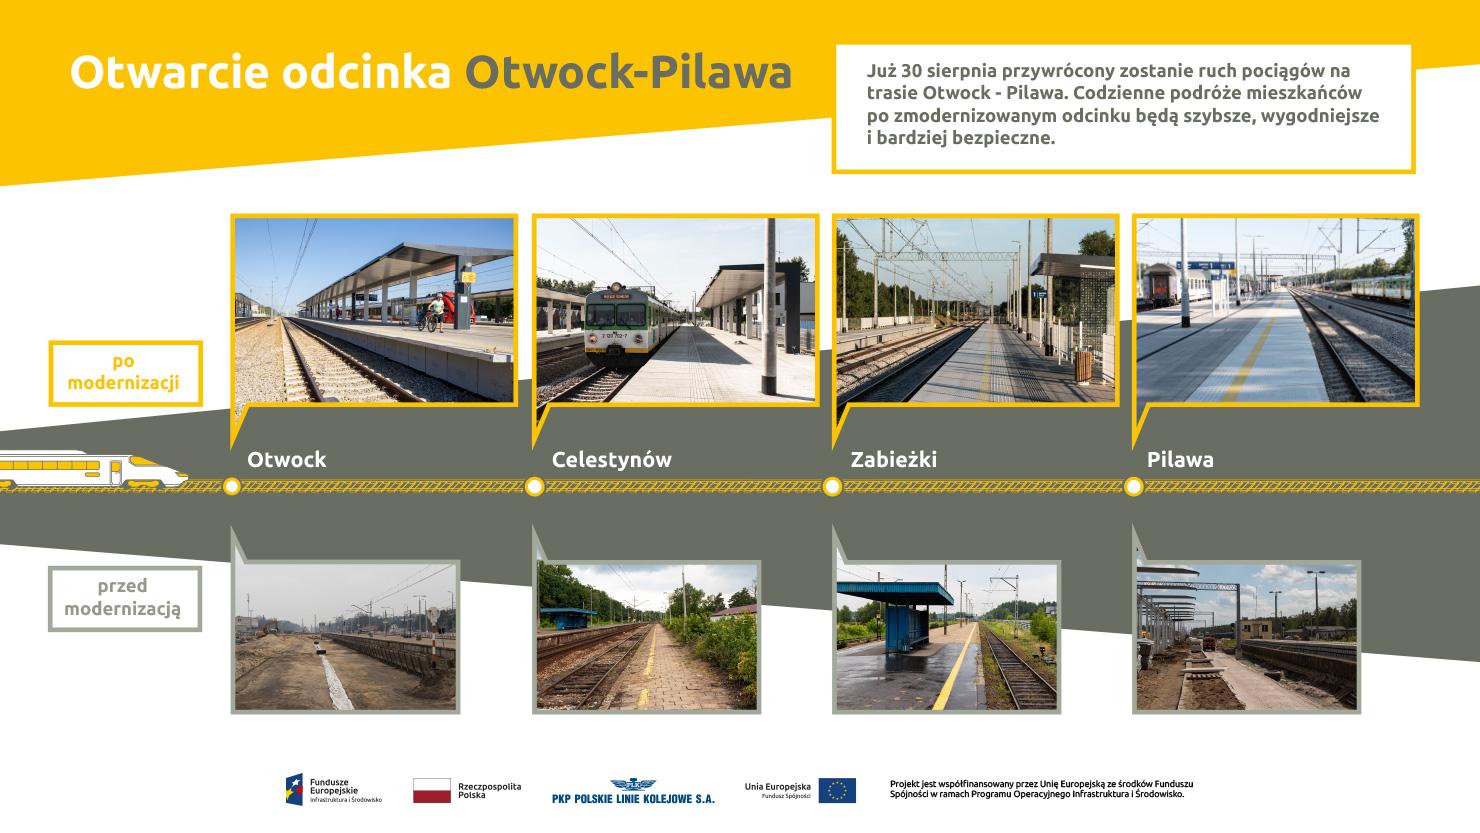 Infografika dotycząca otwarcia odcinka Otwock-Pilawa. Zdjęcia pokazujące odcinek przed i po modernizacji.